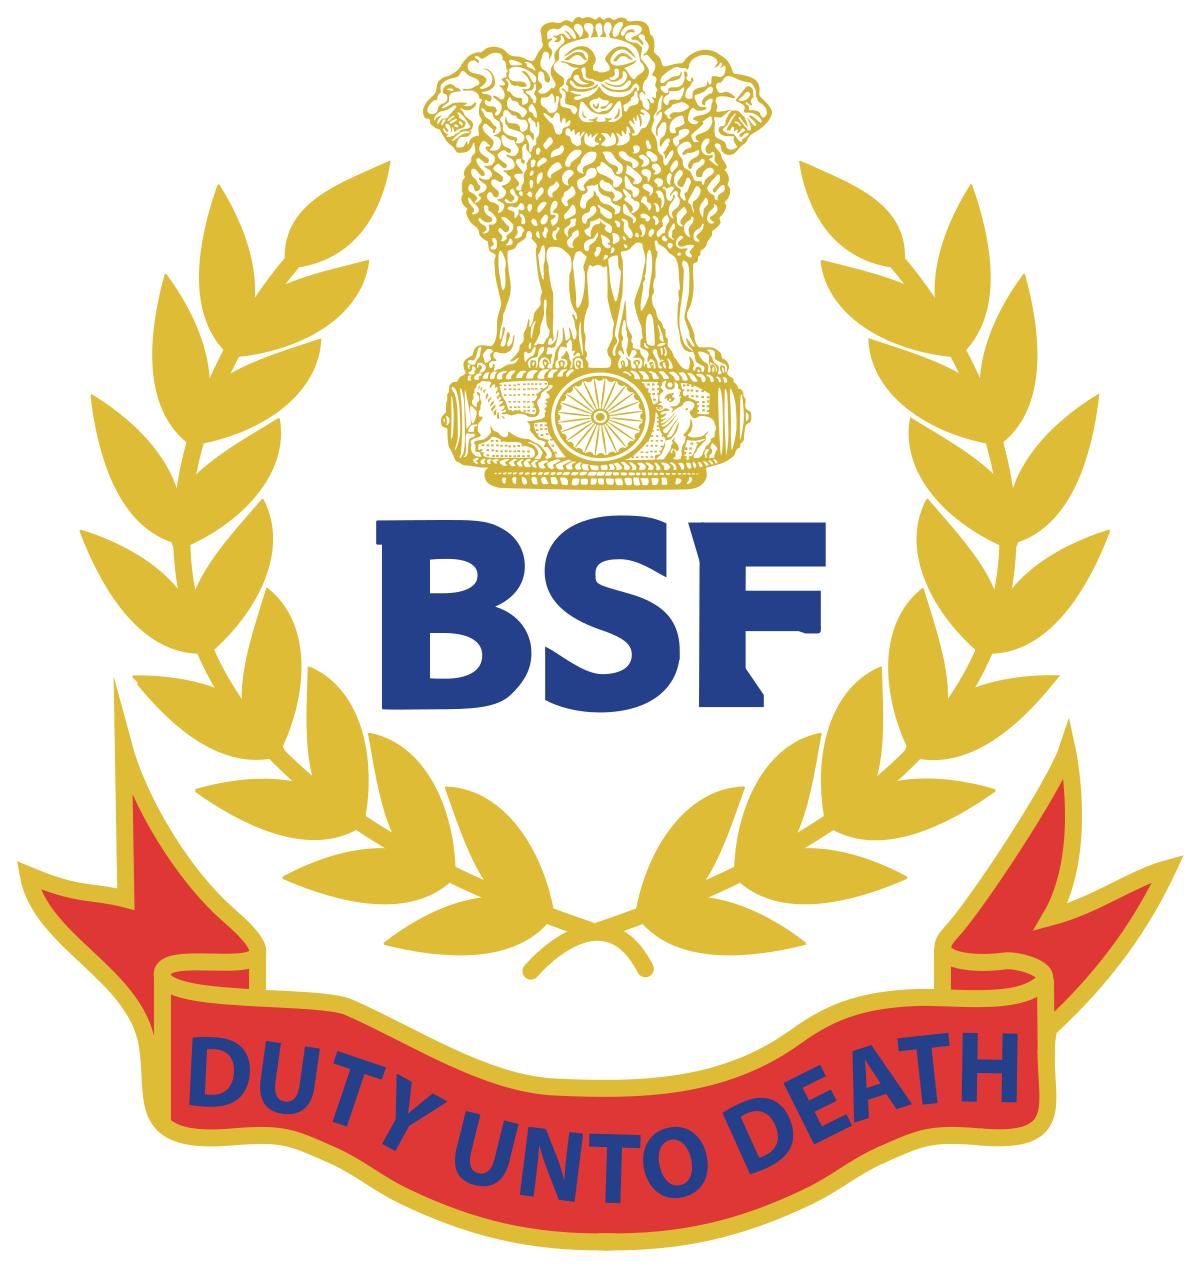 बॉर्डर सिक्योरिटी फाॅर्स (BSF) ने नए टेंडर्स प्रकाशित किए